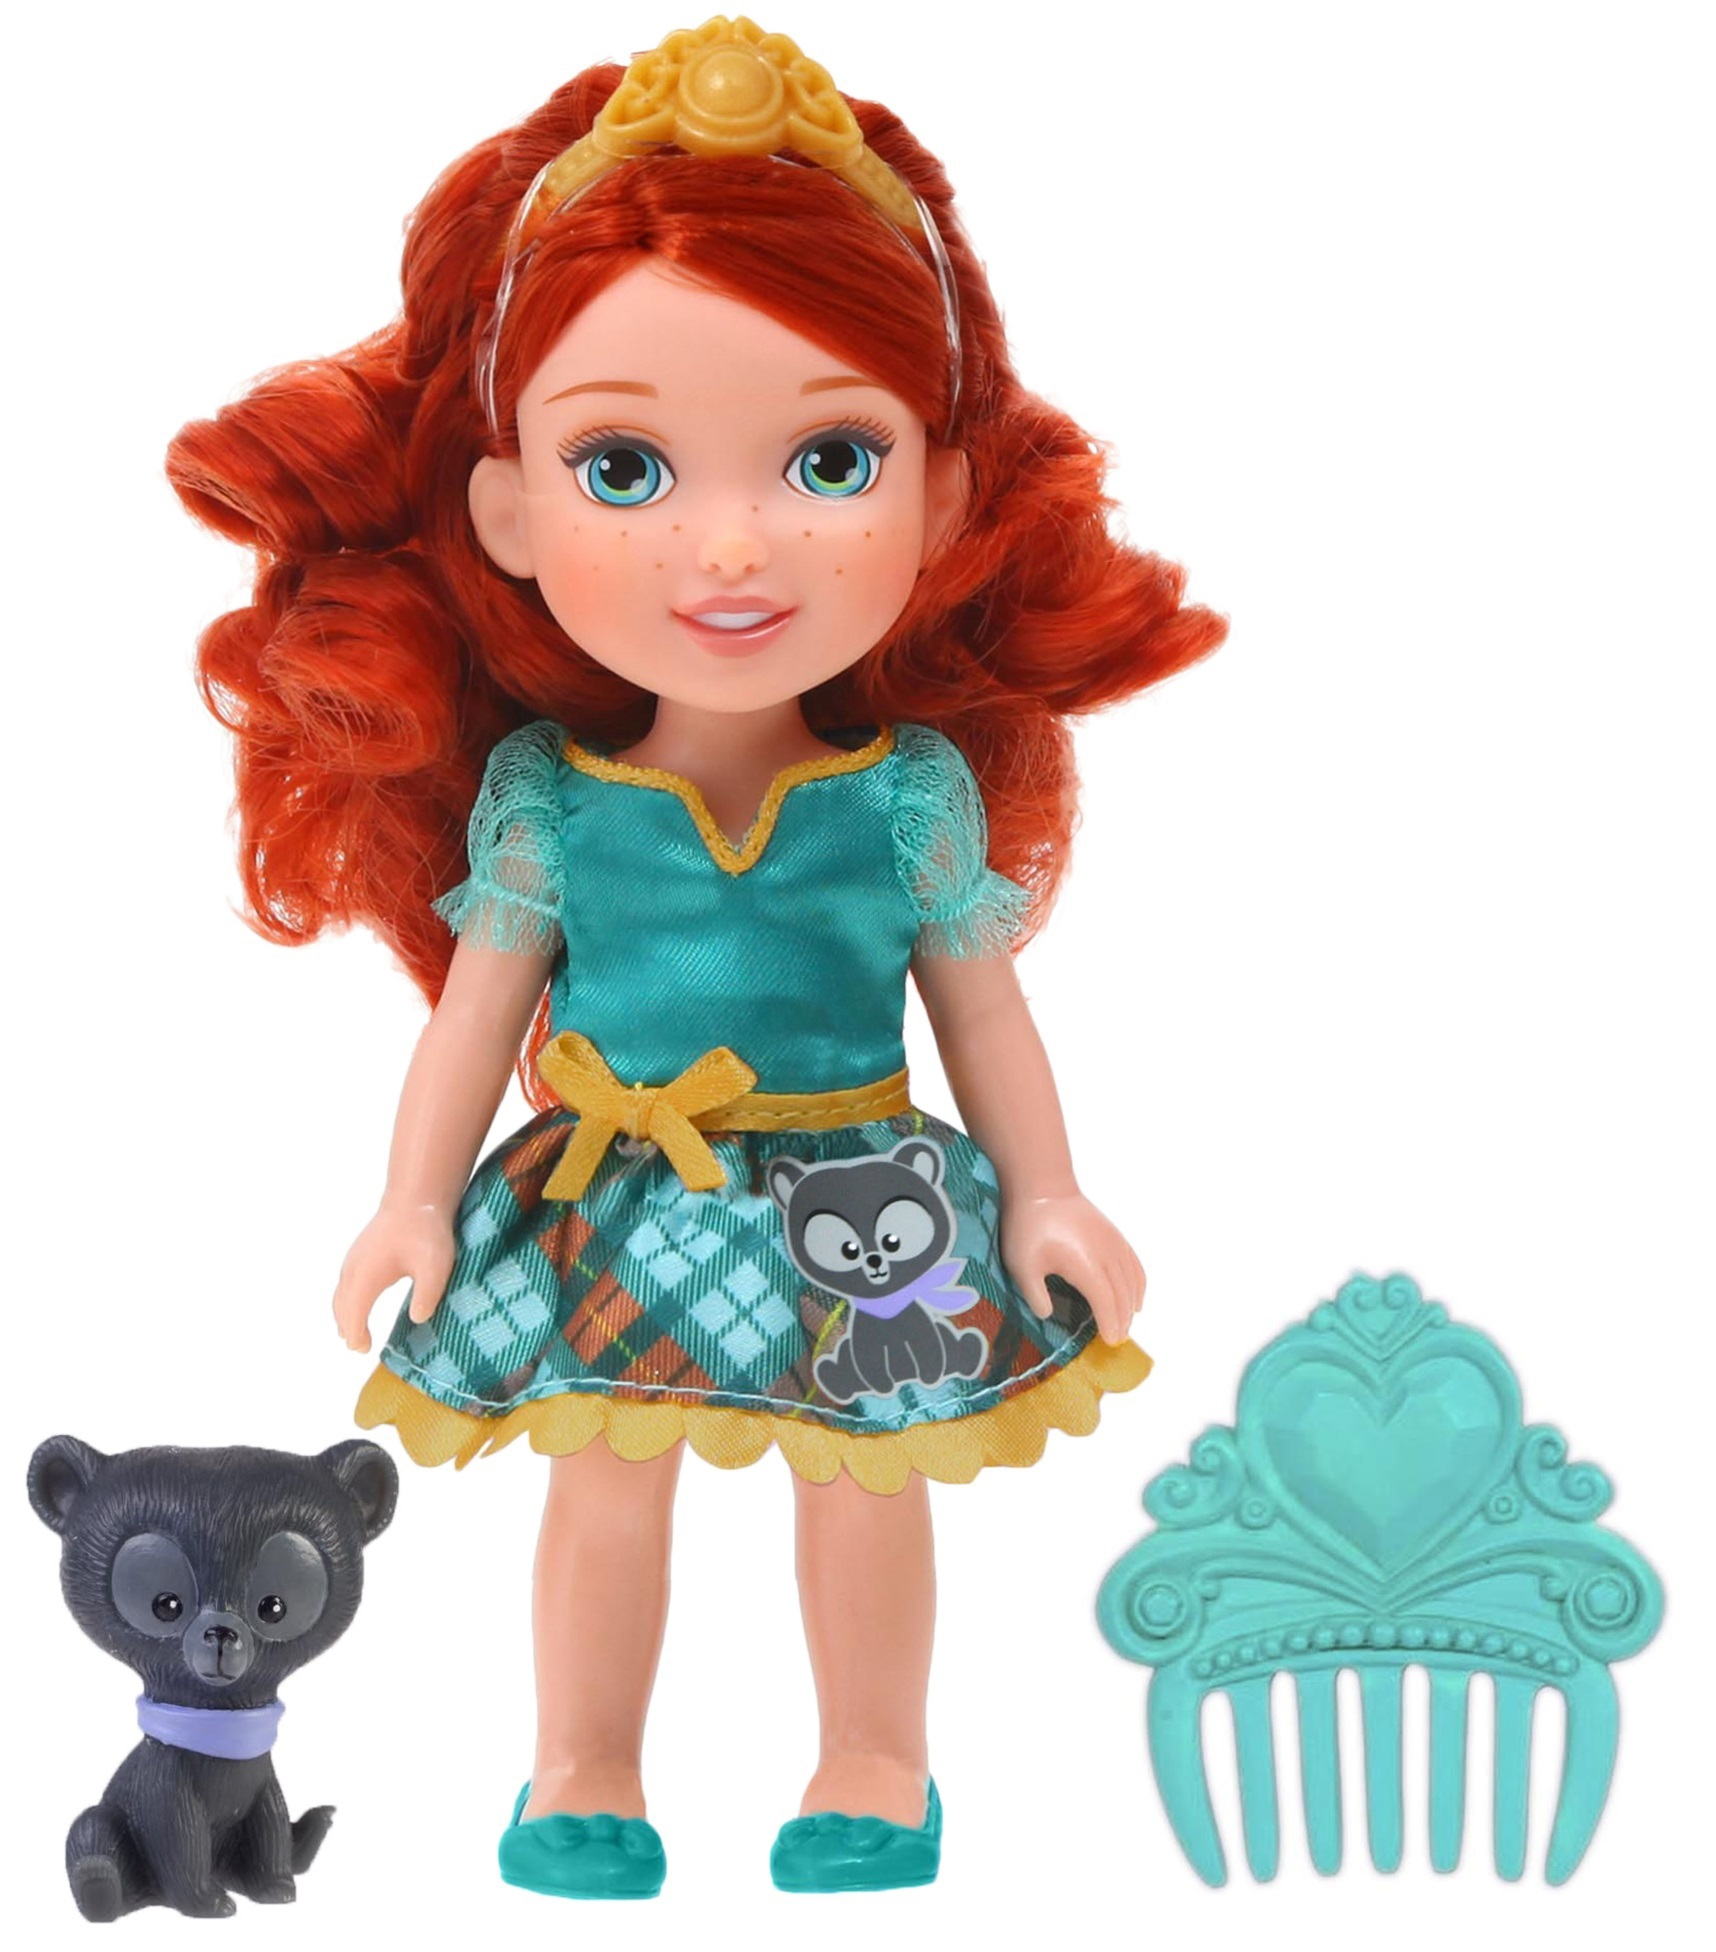 Кукла из серии Принцессы Дисней - Малышка Мерида с питомцем 15 см.Мерида<br>Кукла из серии Принцессы Дисней - Малышка Мерида с питомцем 15 см.<br>